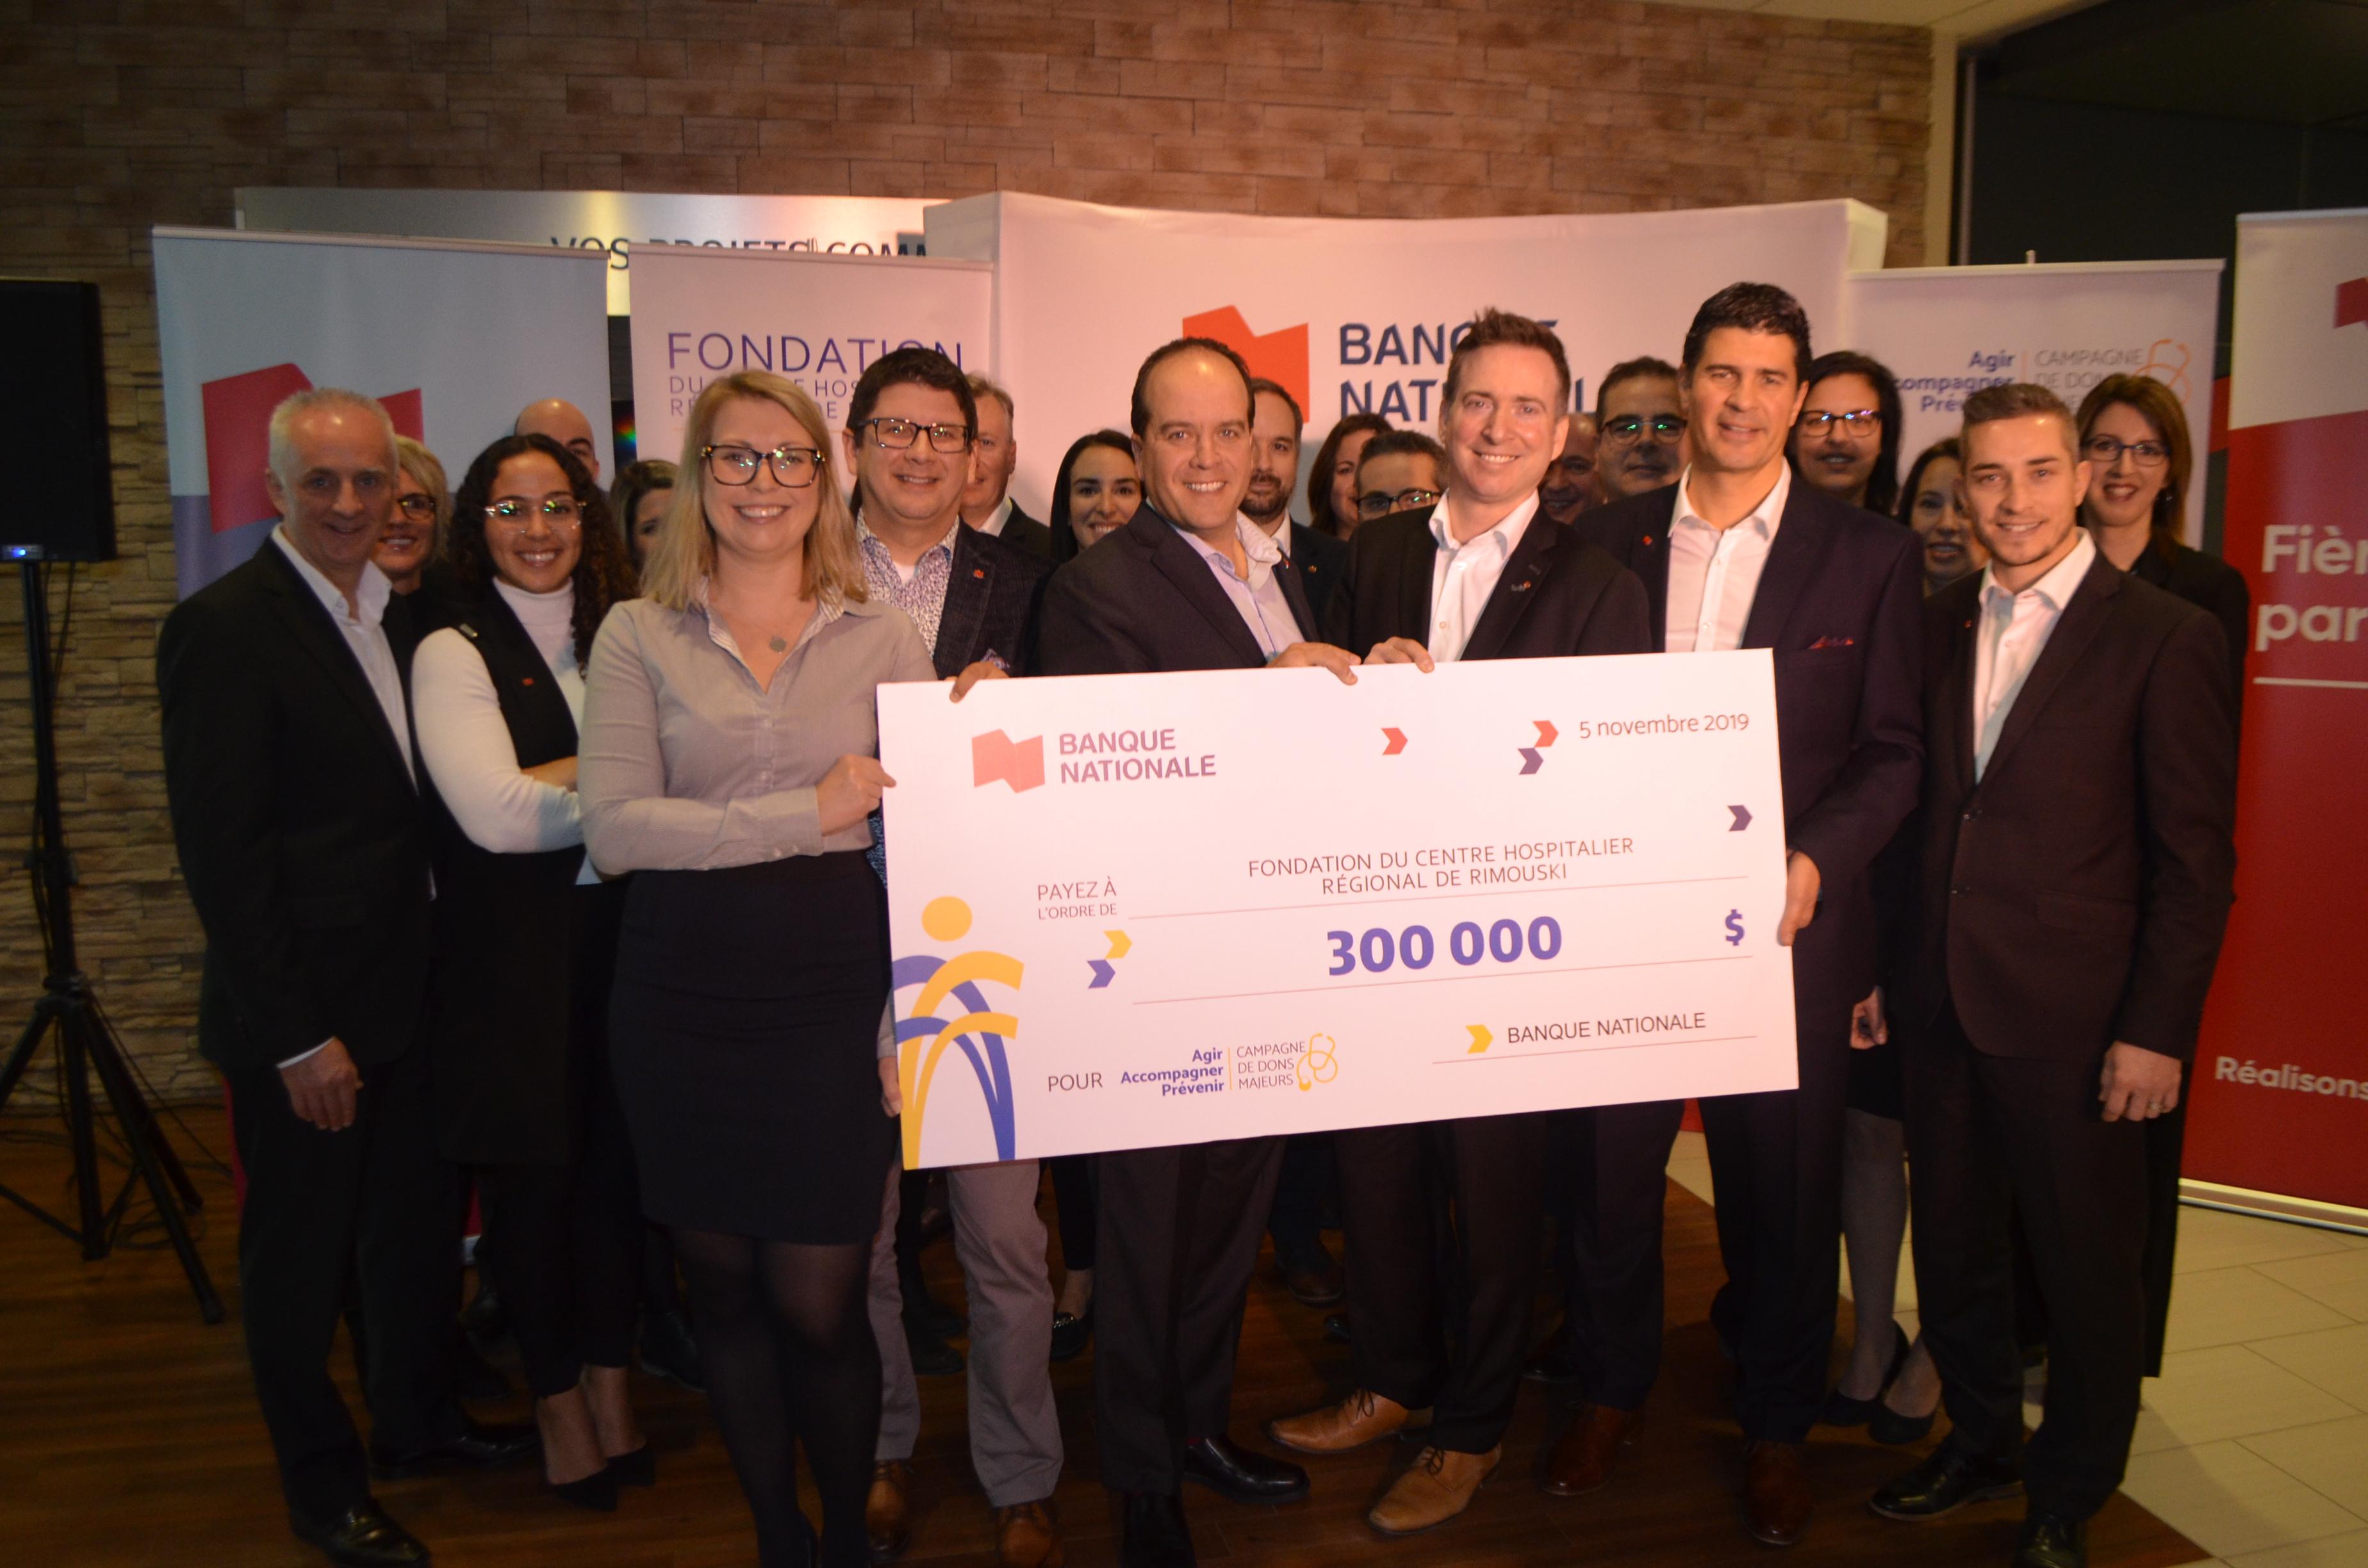 Remise officielle du chèque de 300000 $ de la Banque Nationale de Rimouski dans le cadre de la campagne de dons majeurs de la Fondation du Centre Hospitalier régional de Rimouski.